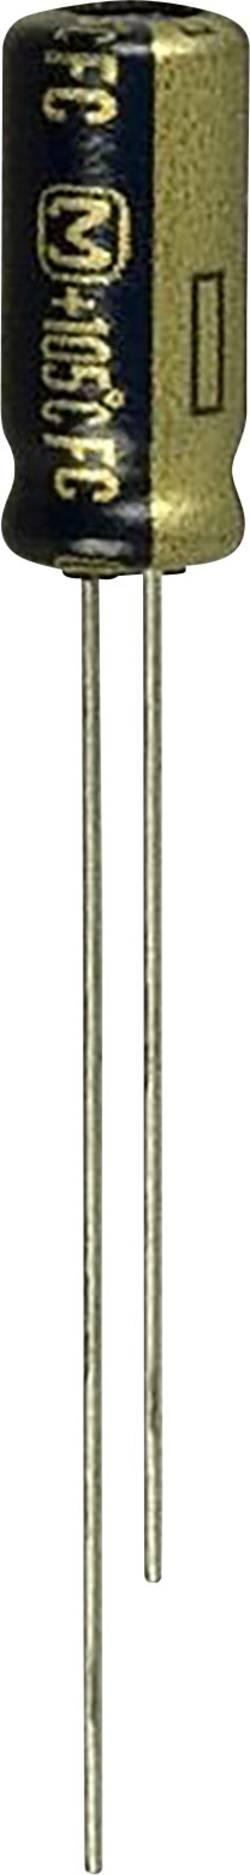 Condensateur électrolytique +105 °C 2.2 µF 100 V Panasonic EEU-FC2A2R2 sortie radiale 2 mm (Ø) 5 mm 1 pc(s)